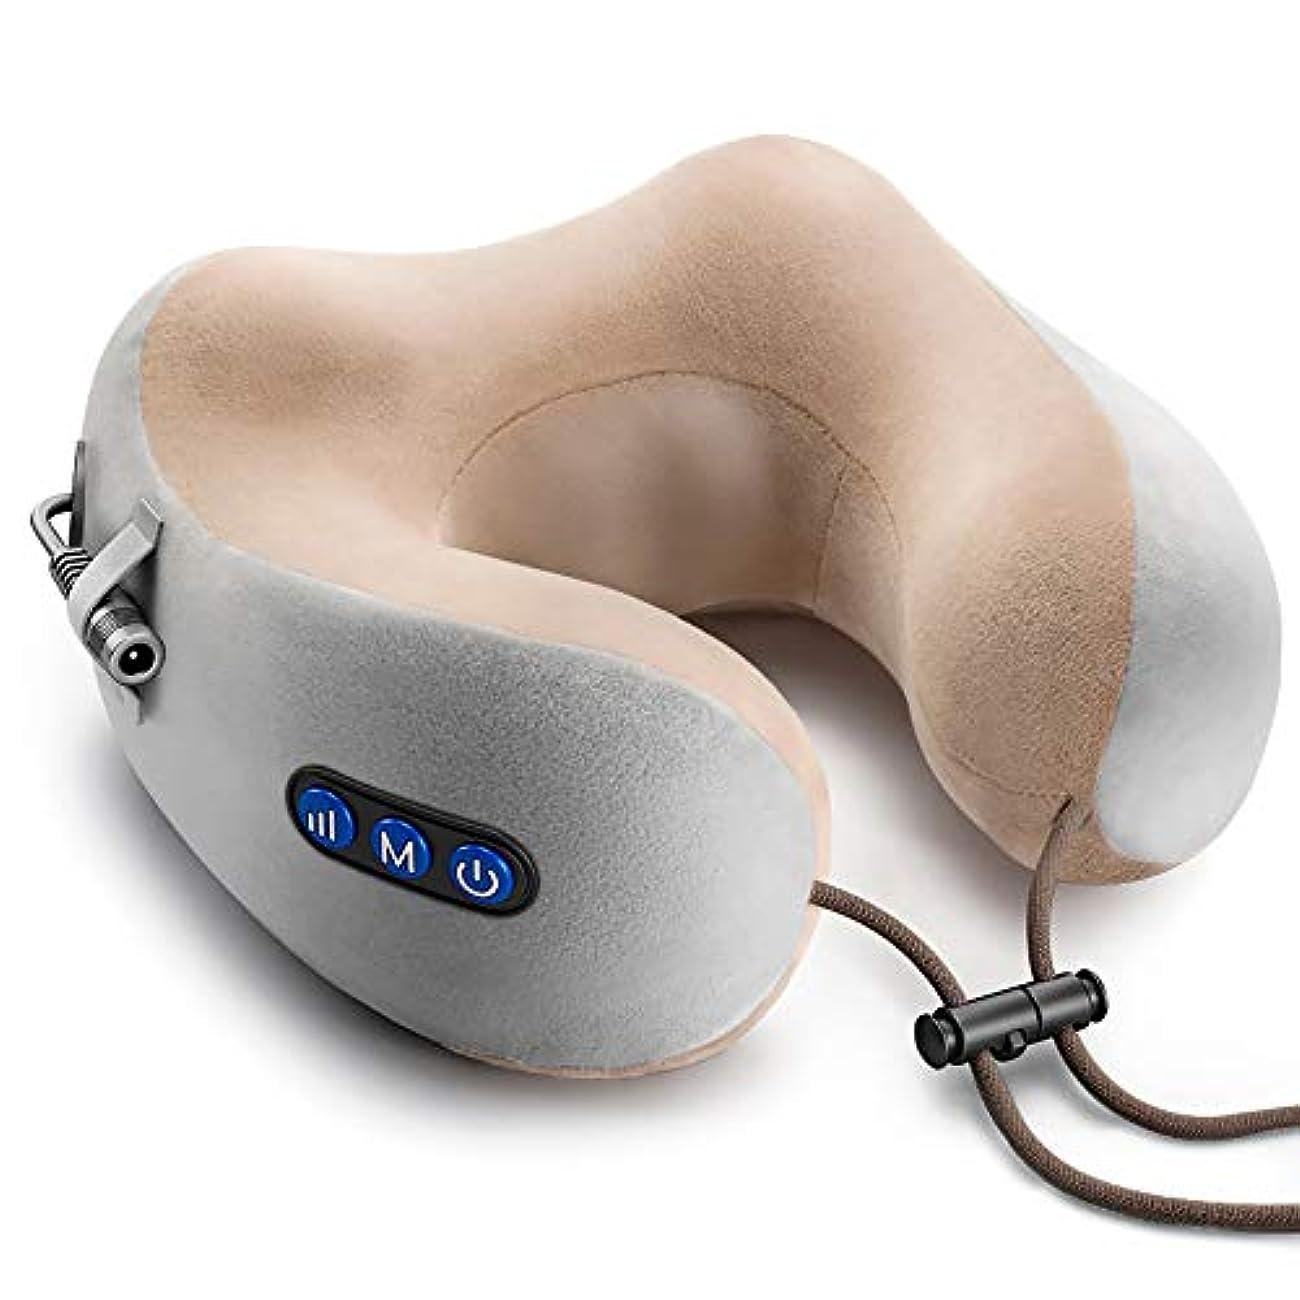 着飾る母音豆腐首マッサージャー ネックマッサージャー U型 USB充電式 3モード 低反発ネックマッサージピロー 自動オフ機能 肩こり ストレス解消 多機能 人間工学 日本語取扱説明書付 プレゼント